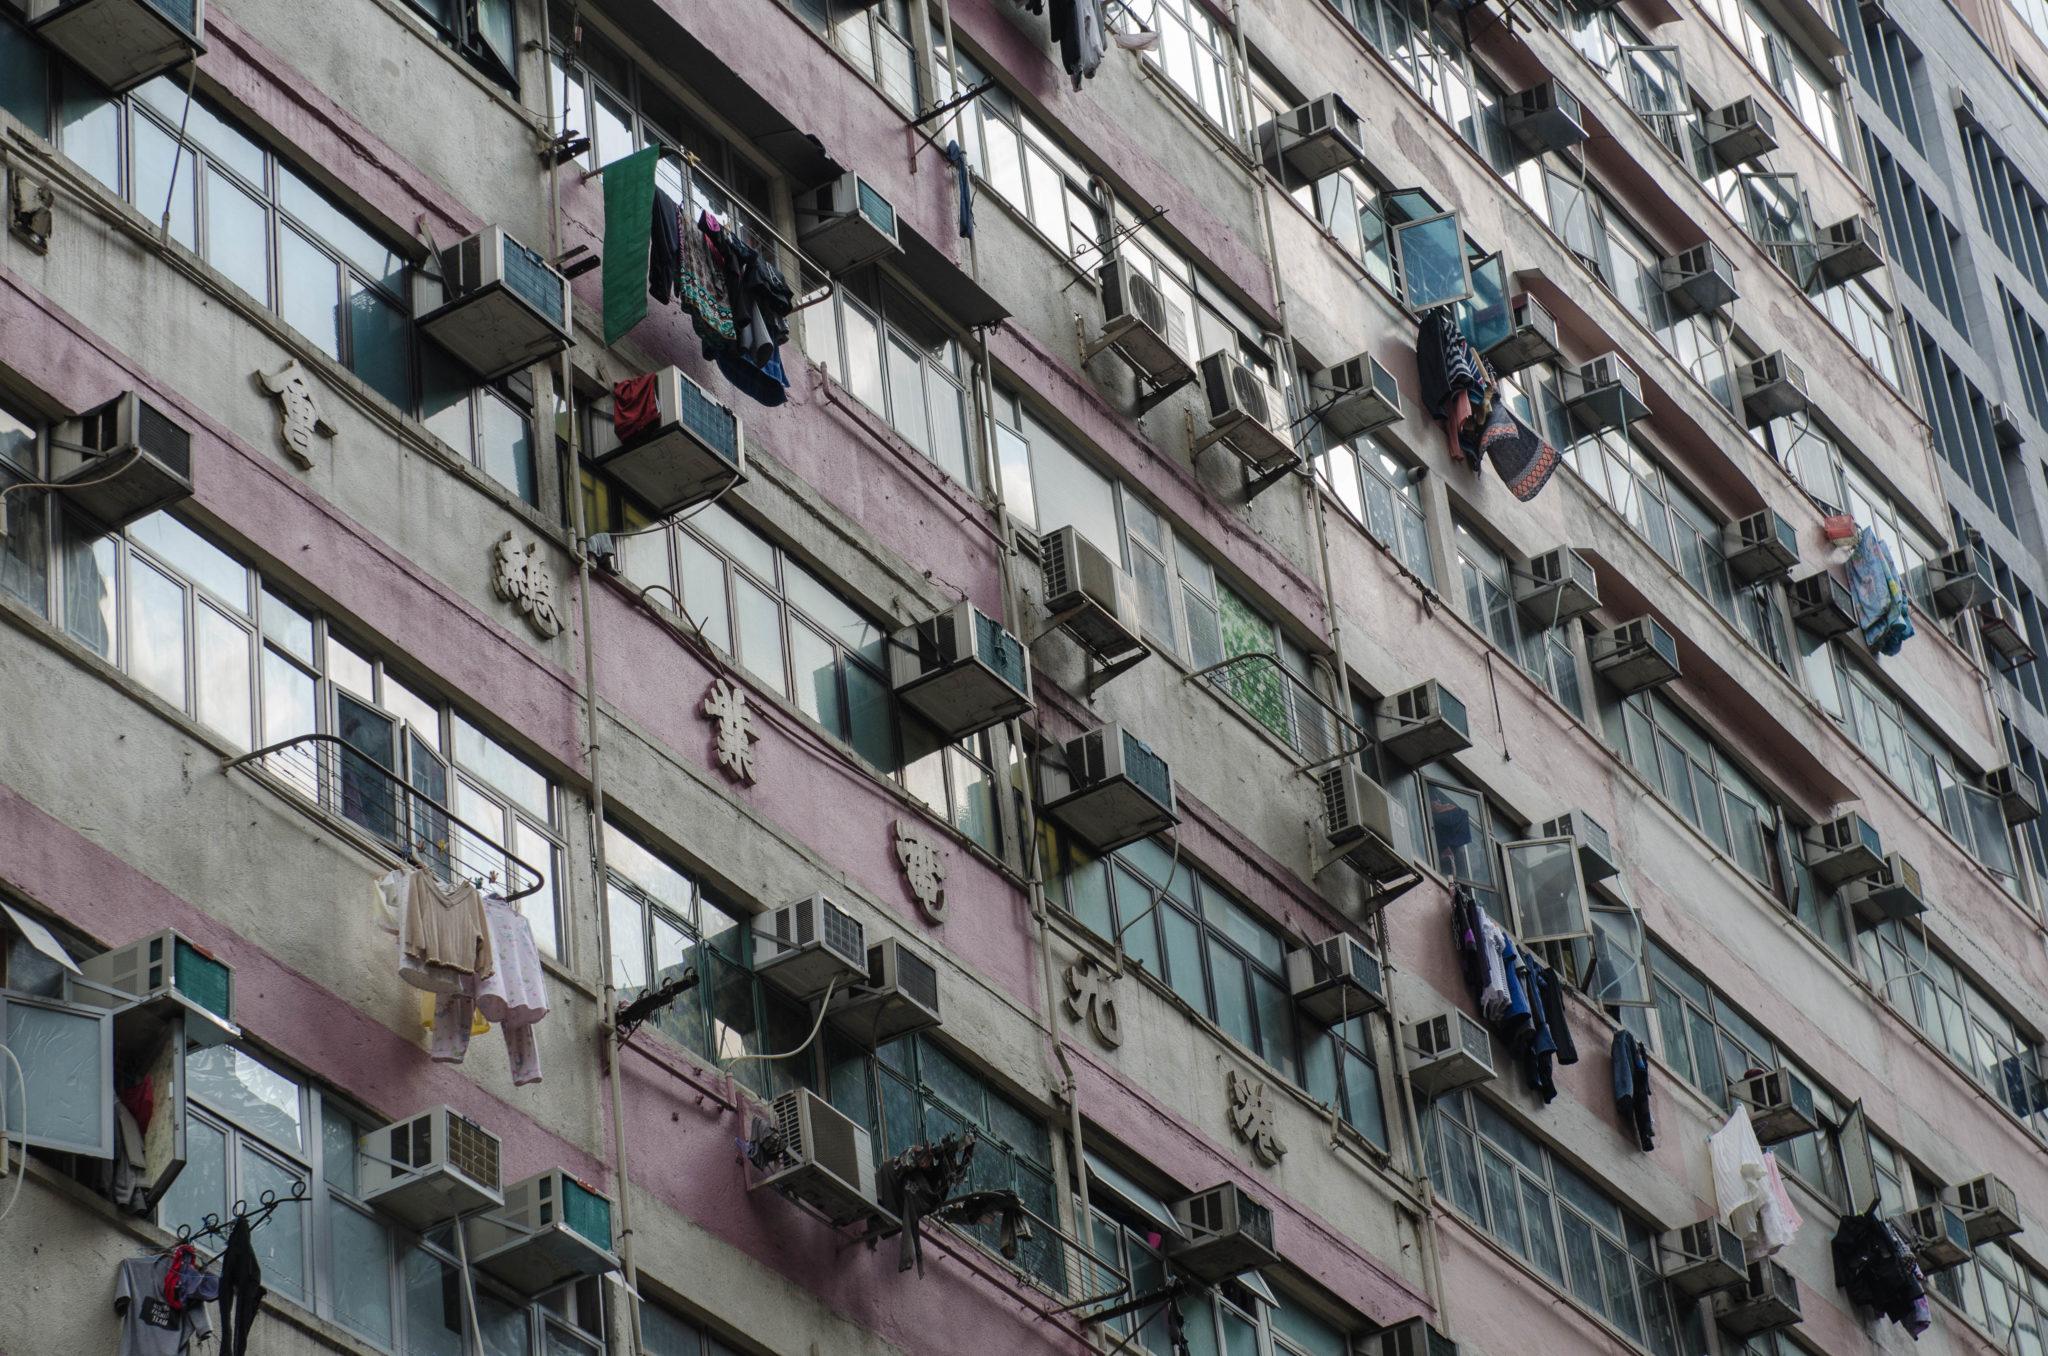 Die Hochhausfassaden sind ein typischen Merkmal von Hongkong.